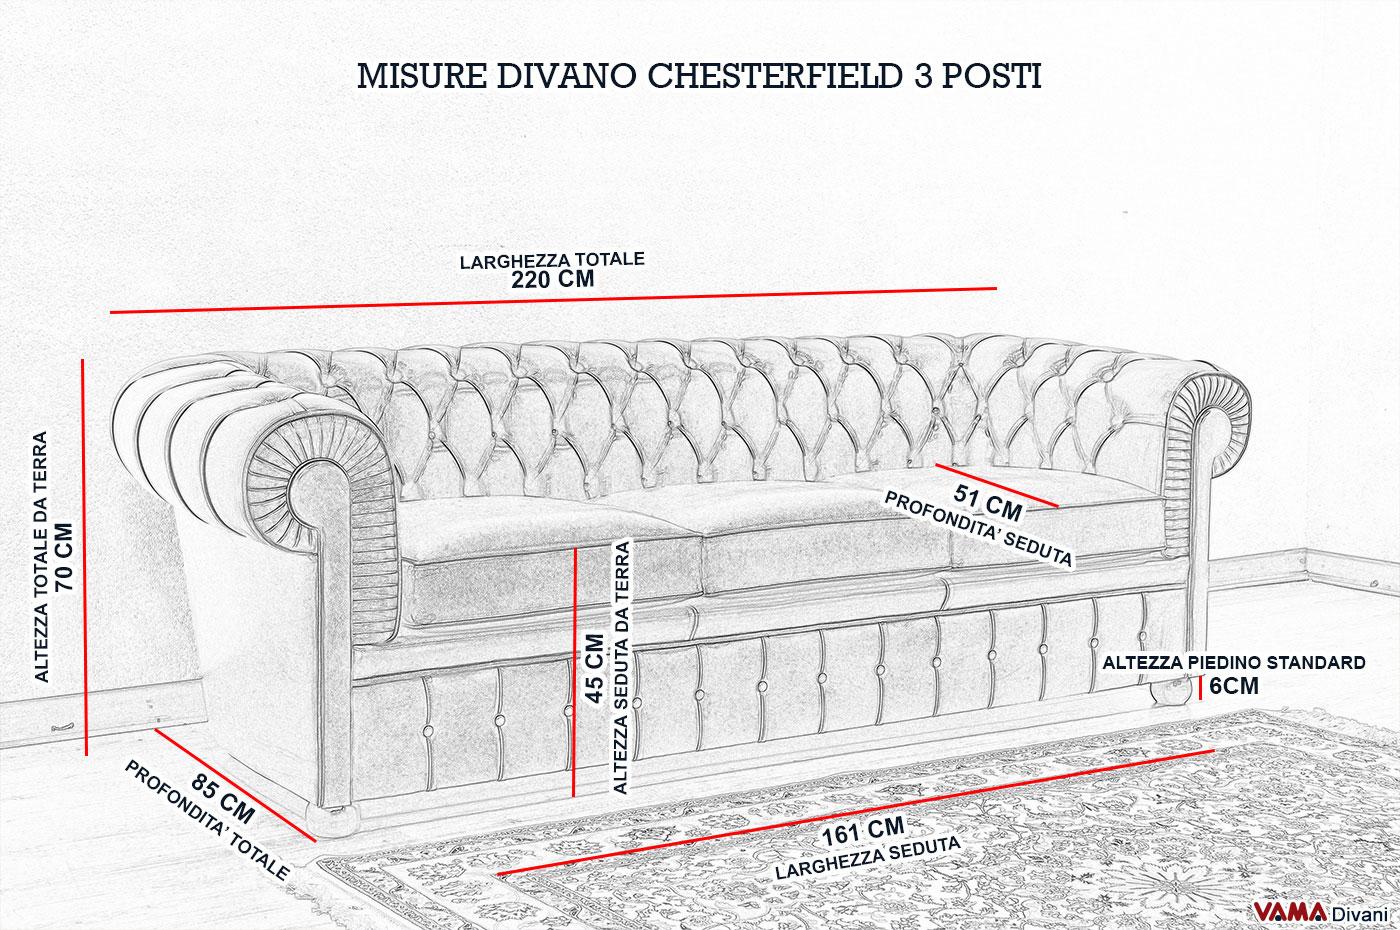 Divano Chesterfield 3 Posti | Prezzo e Dimensioni